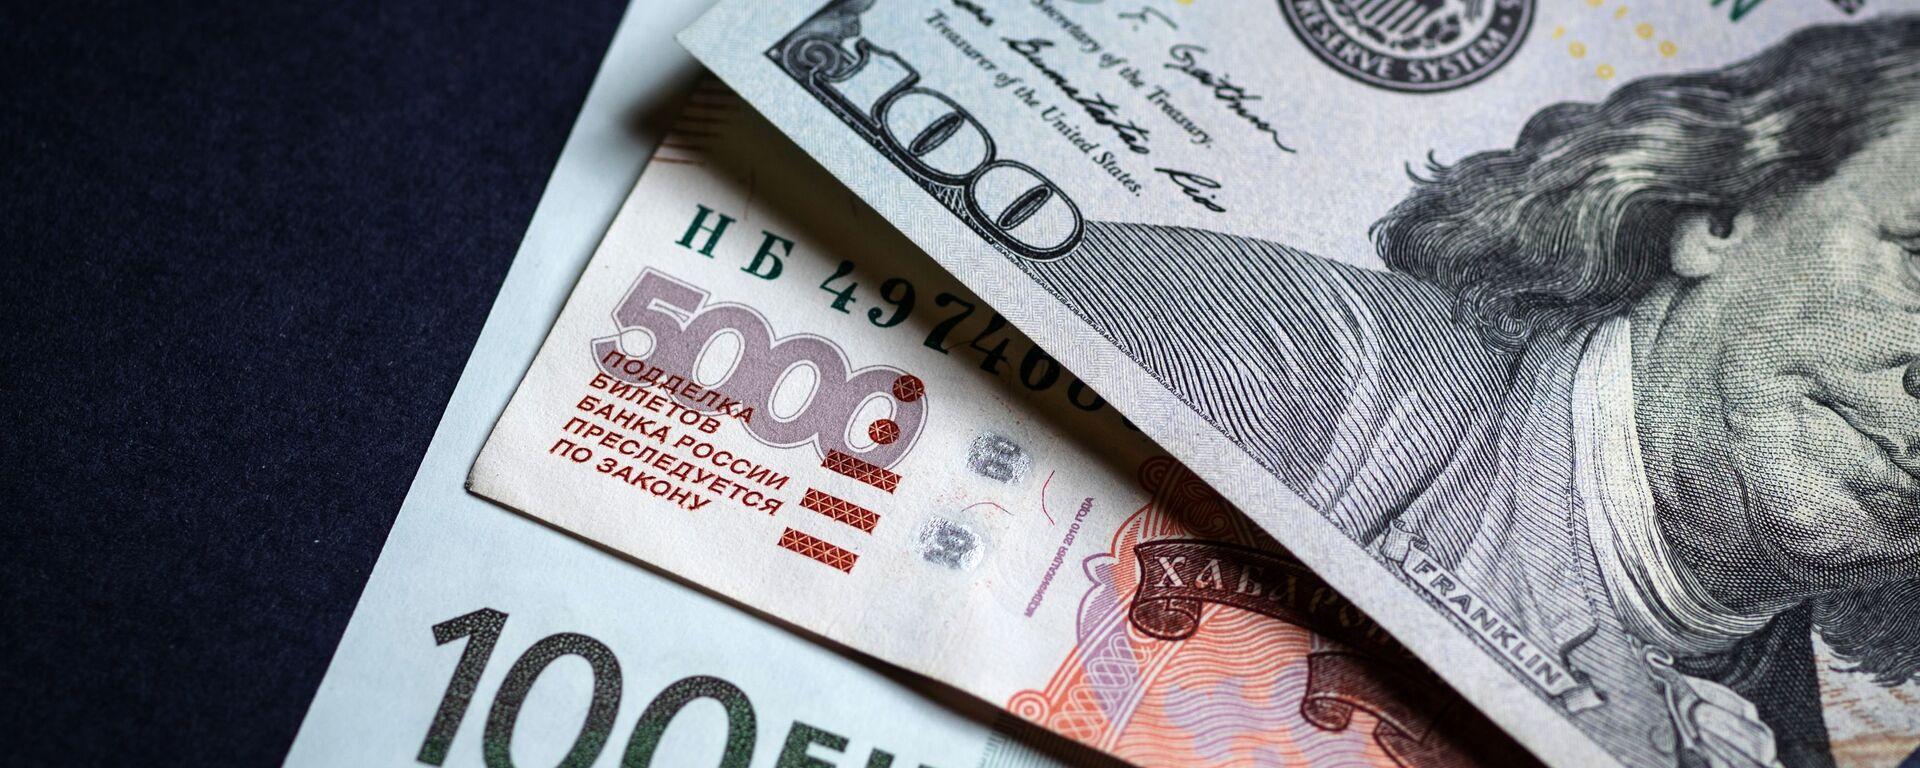 Курс иностранной валюты  - Sputnik Таджикистан, 1920, 22.08.2021